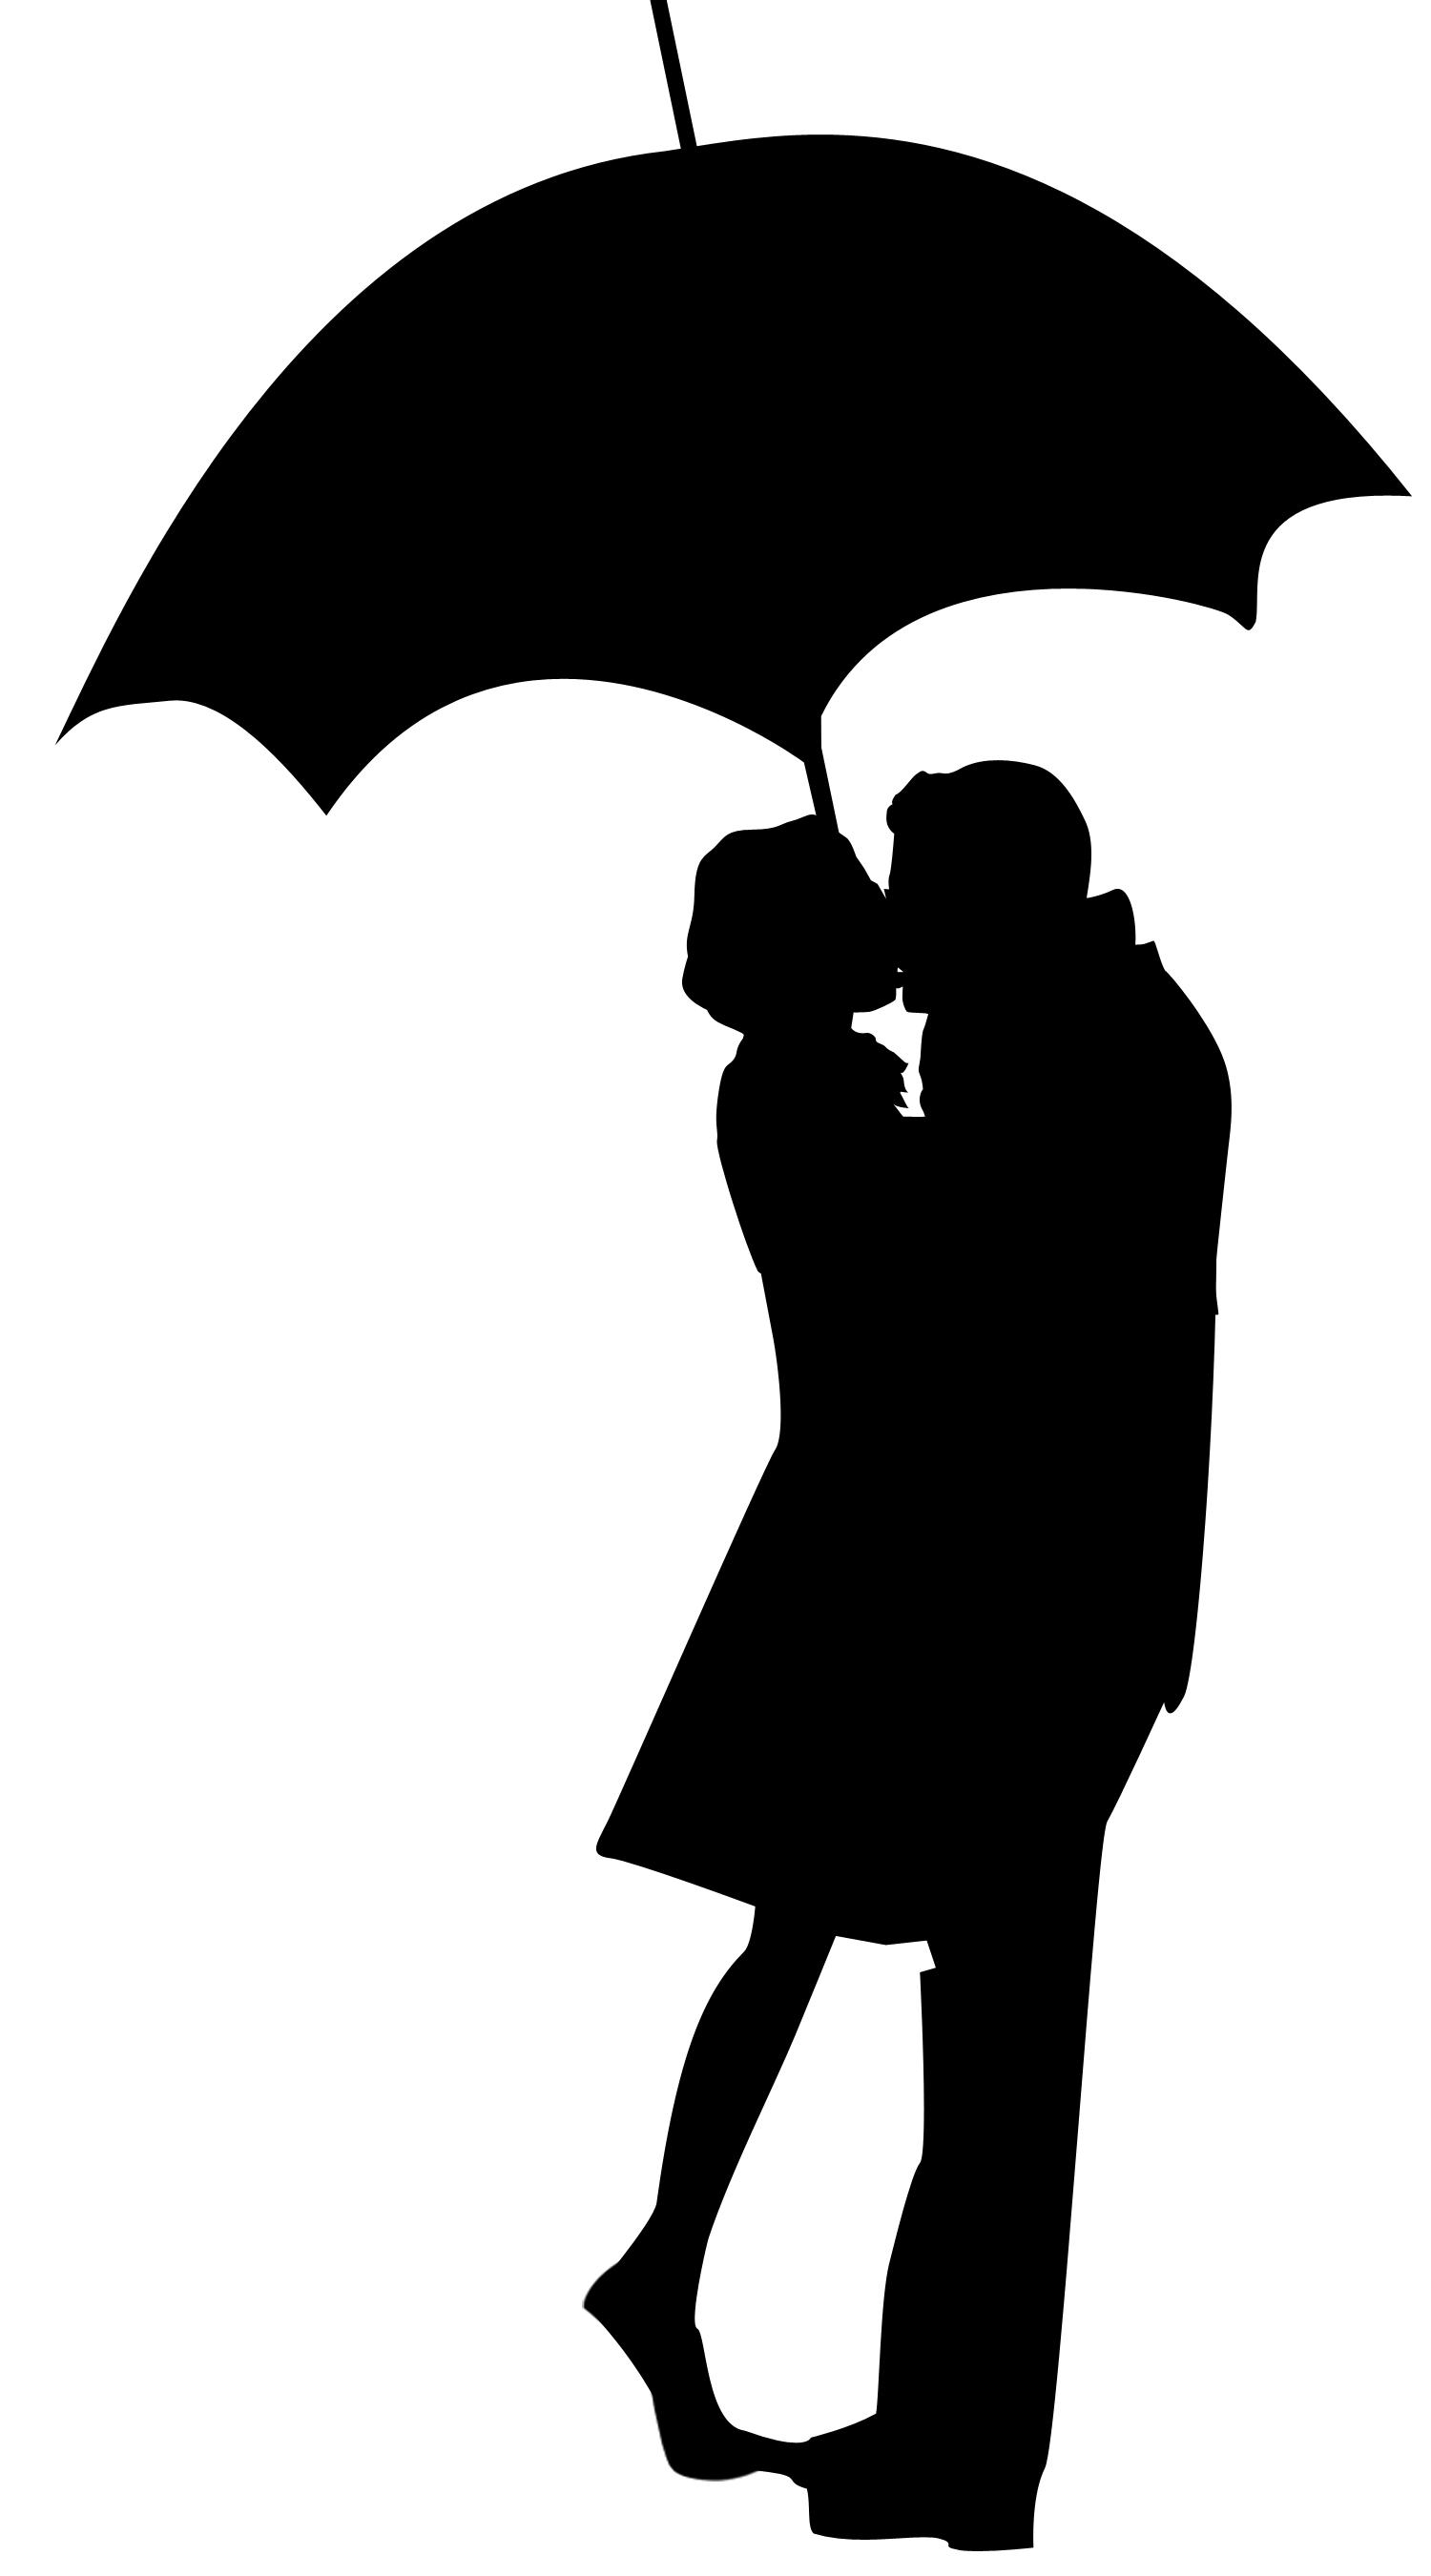 silhouette couple umbrella.